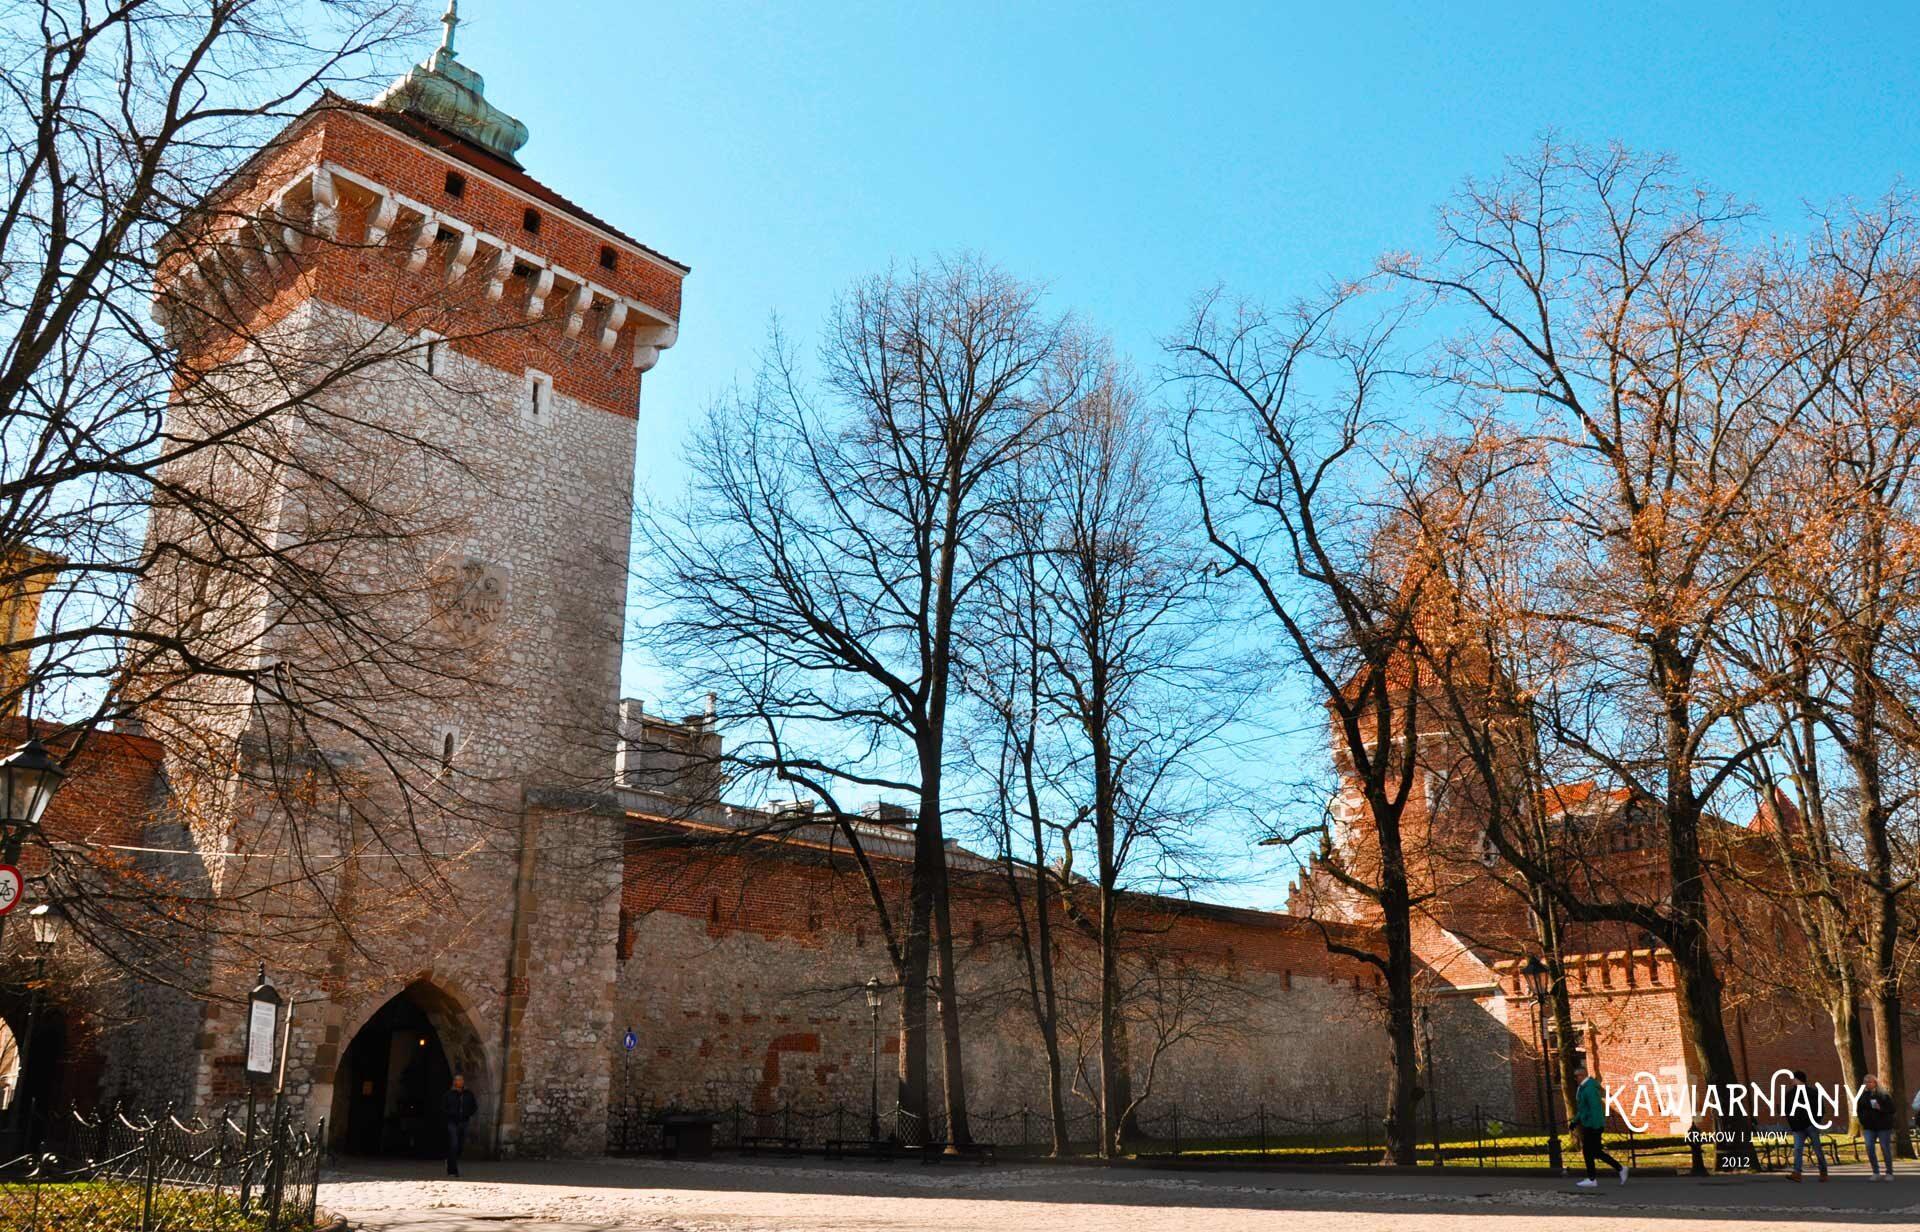 Ile kosztuje zwiedzanie Bramy Floriańskiej? Mury Miejskie w Krakowie cena biletów wstępu